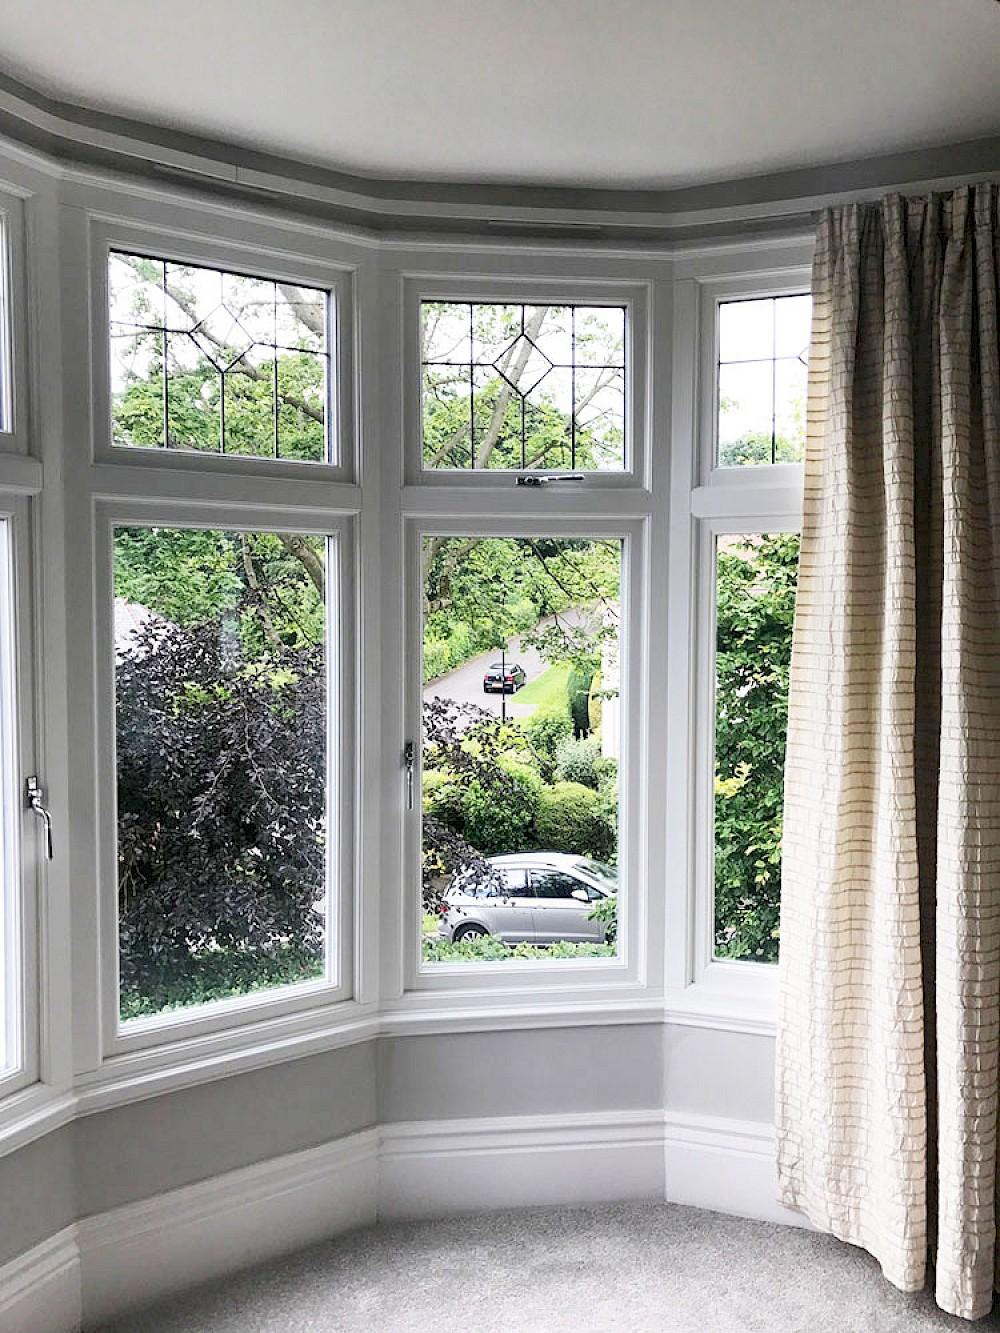 Frame Ups Windows Ltd Window Specialists In Sheffield